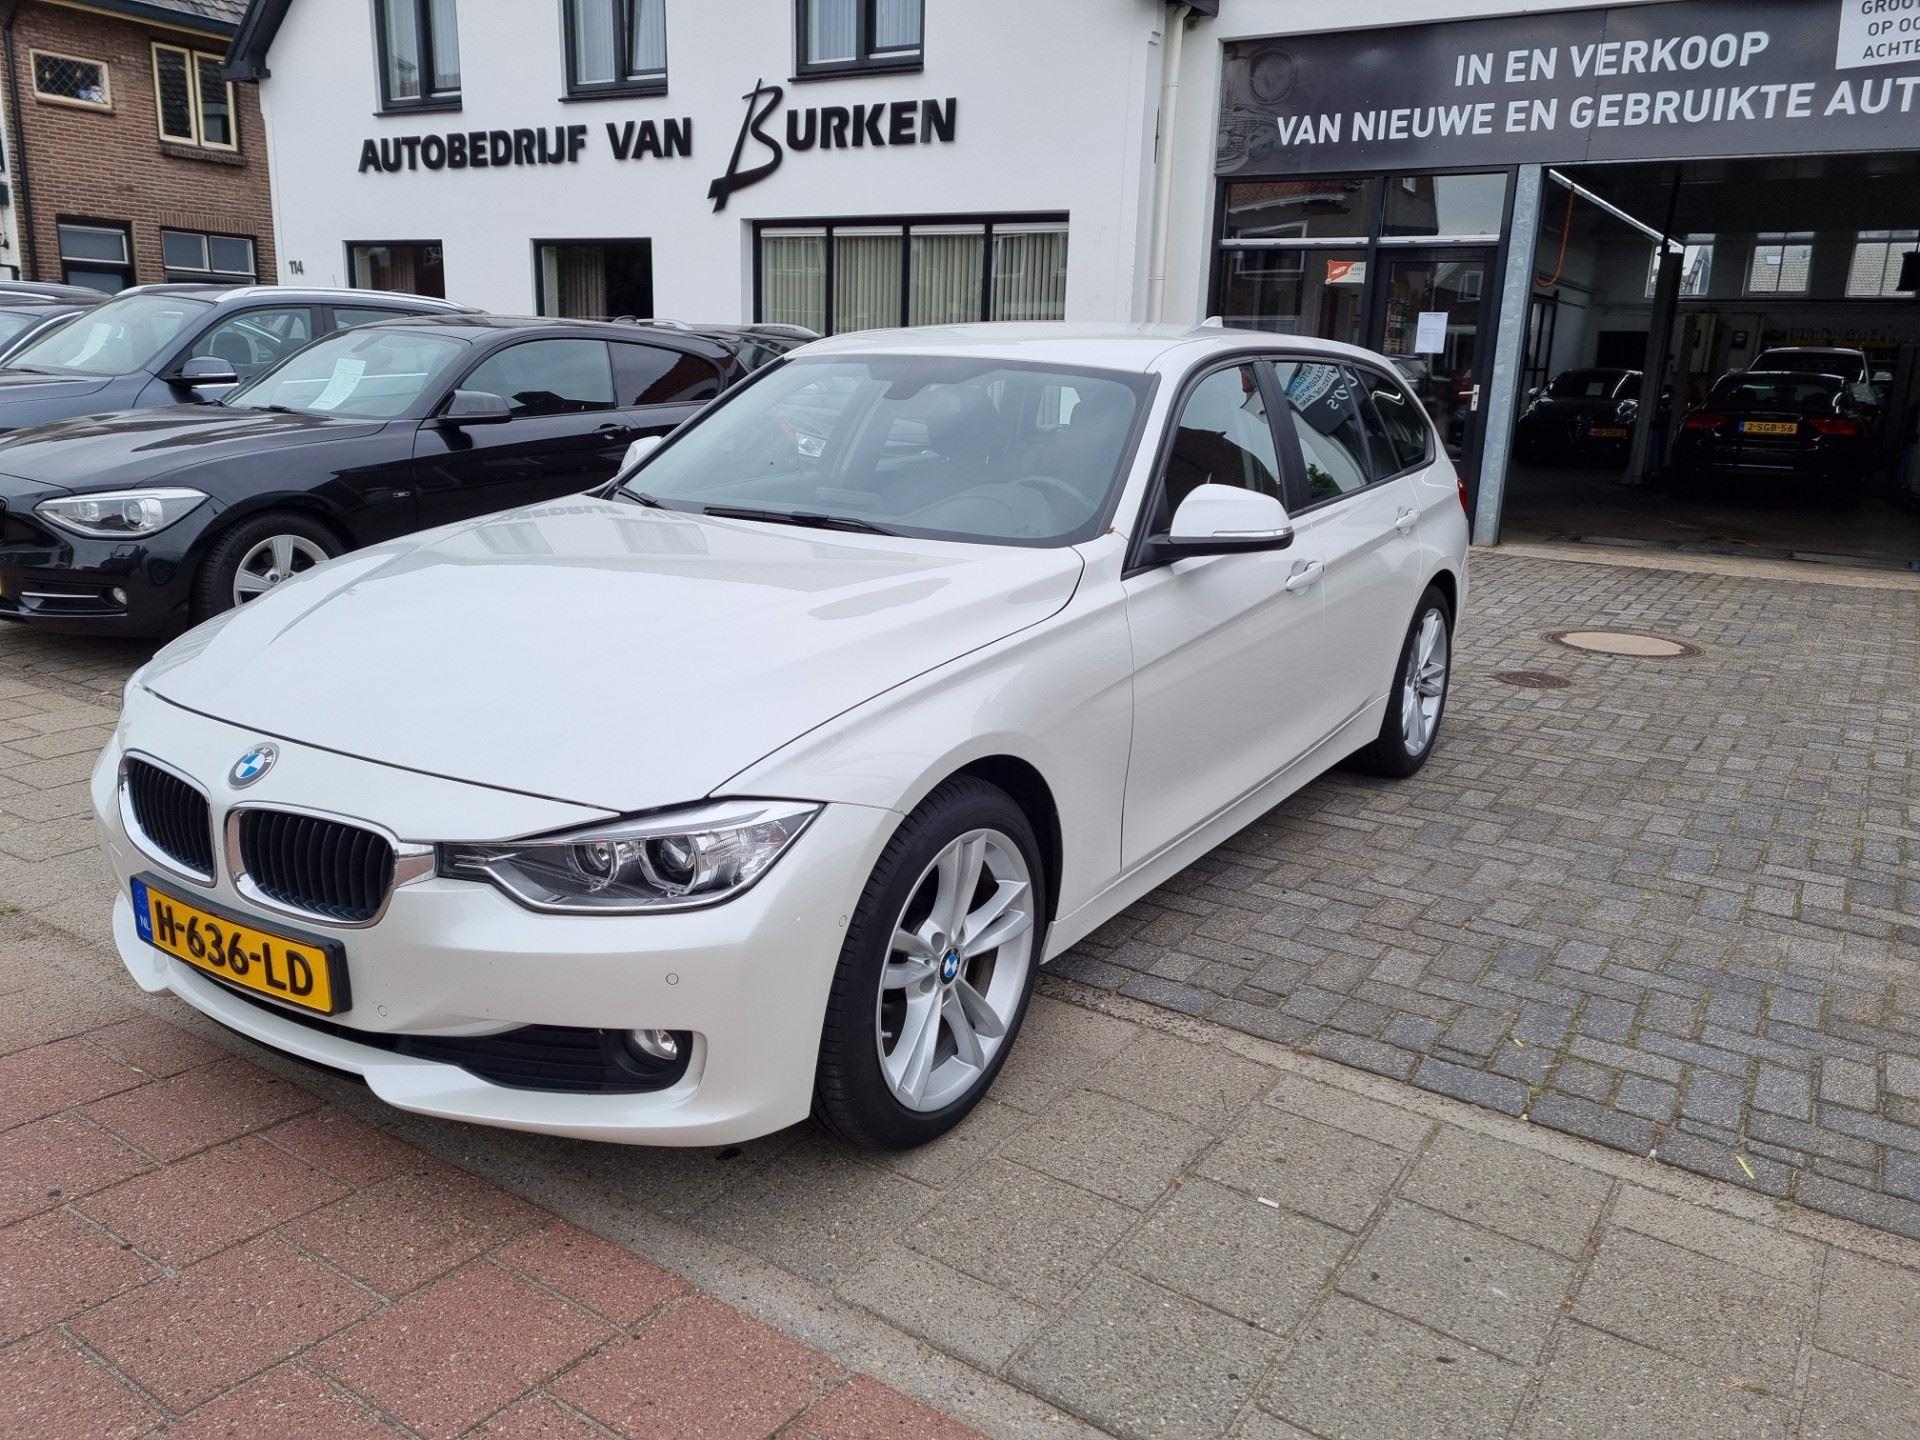 BMW 3-serie Touring occasion - Autobedrijf van Burken